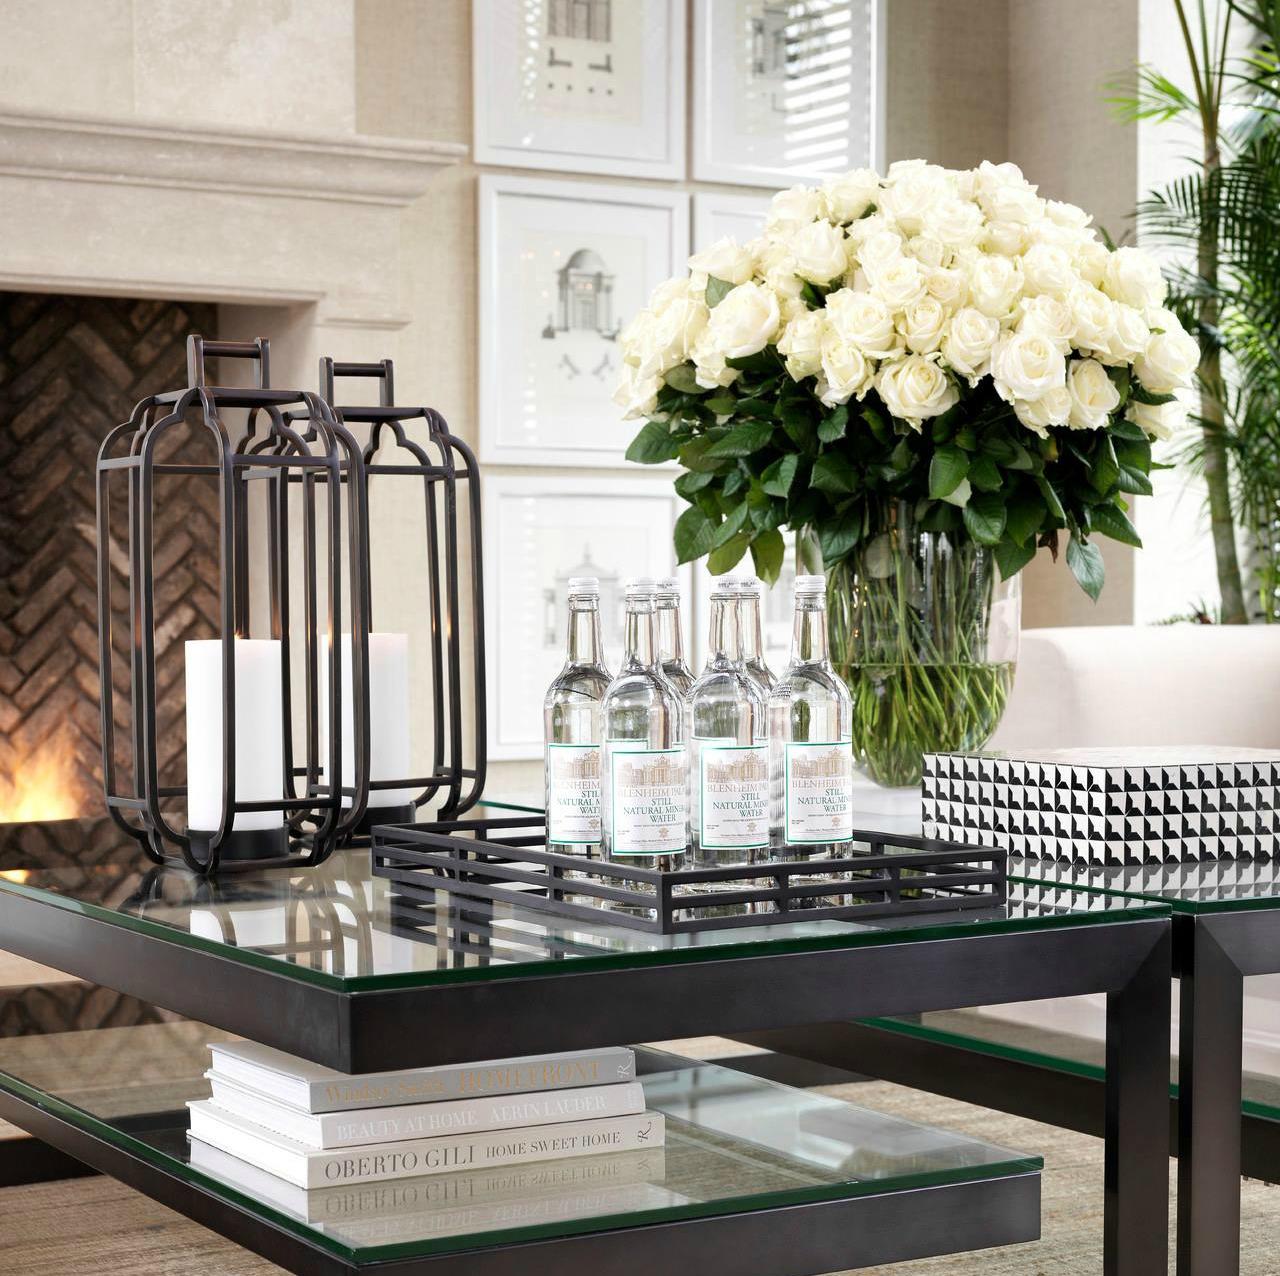 eichholtz möbler och heminredning hittar du hos lilla soffbutiken i